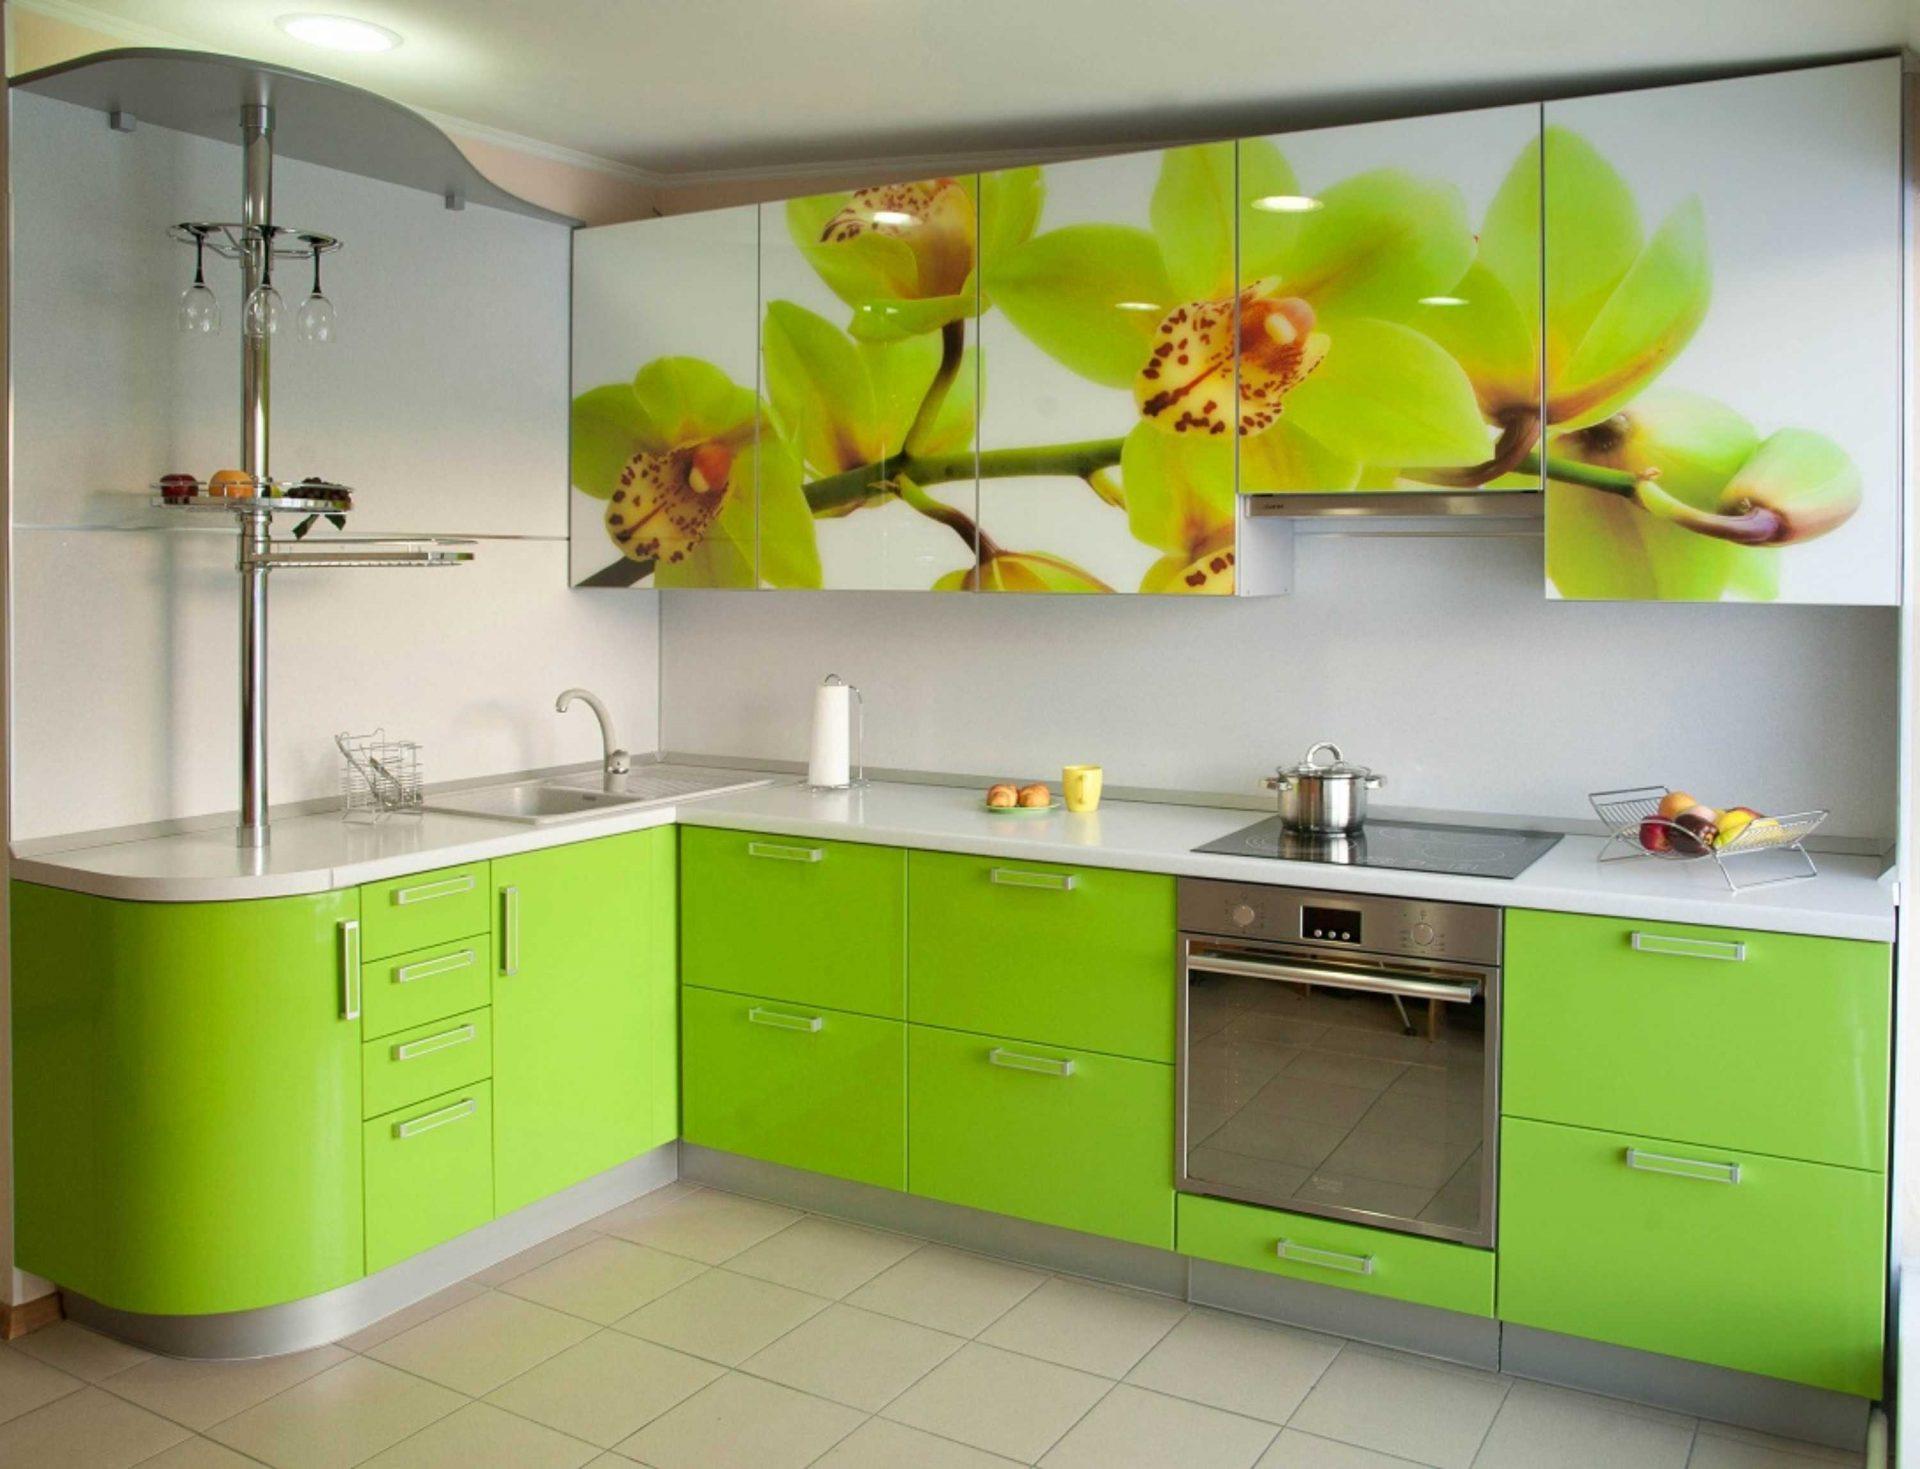 Салатовая угловая кухня с стеклянными фасадами и цветами